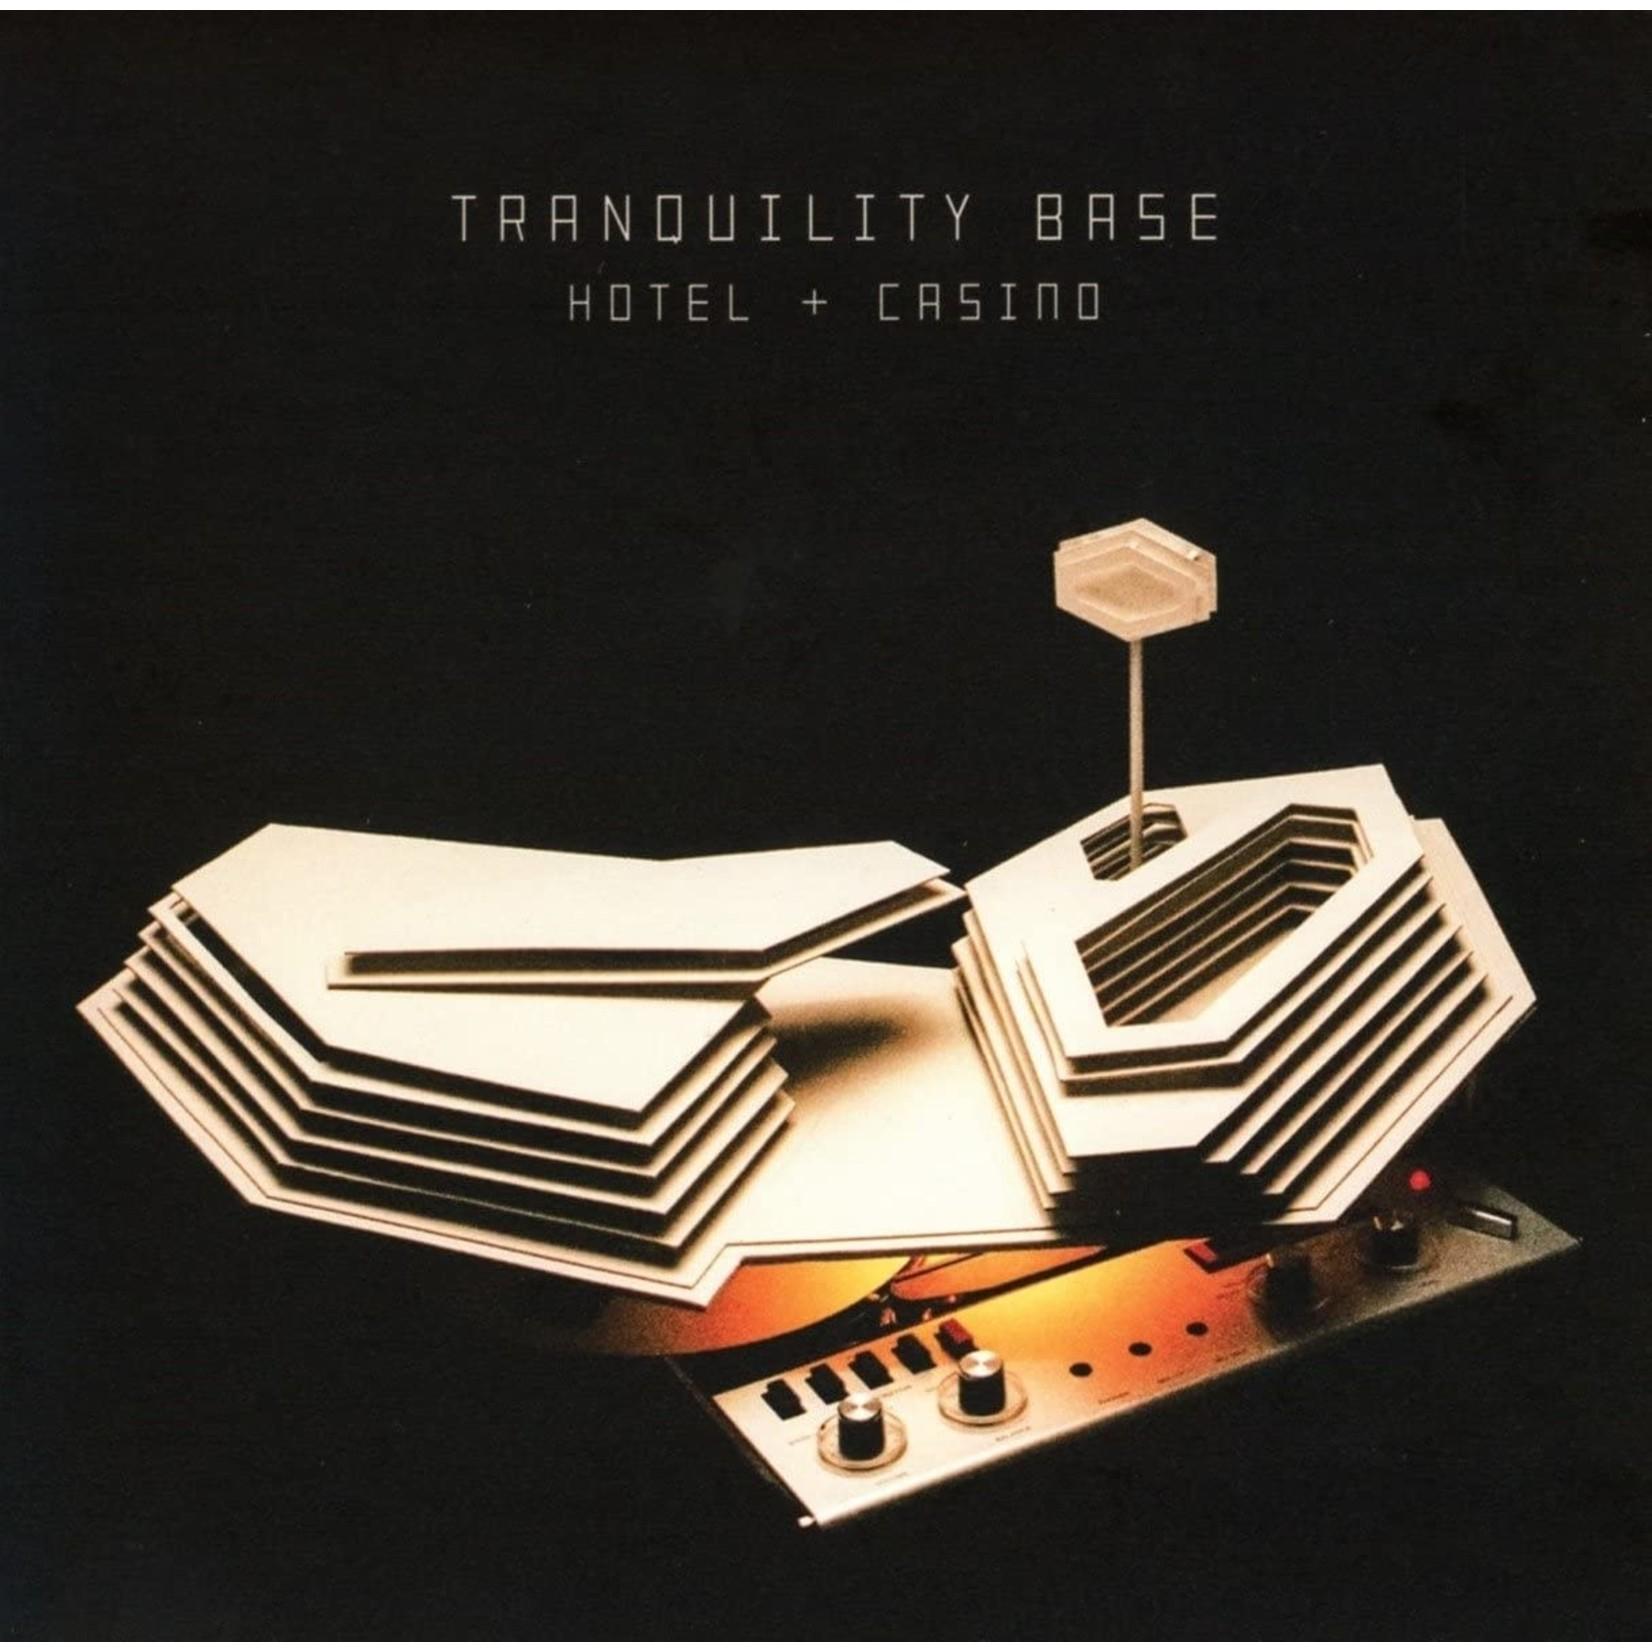 [New] Arctic Monkeys: Tranquility Base Hotel + Casino